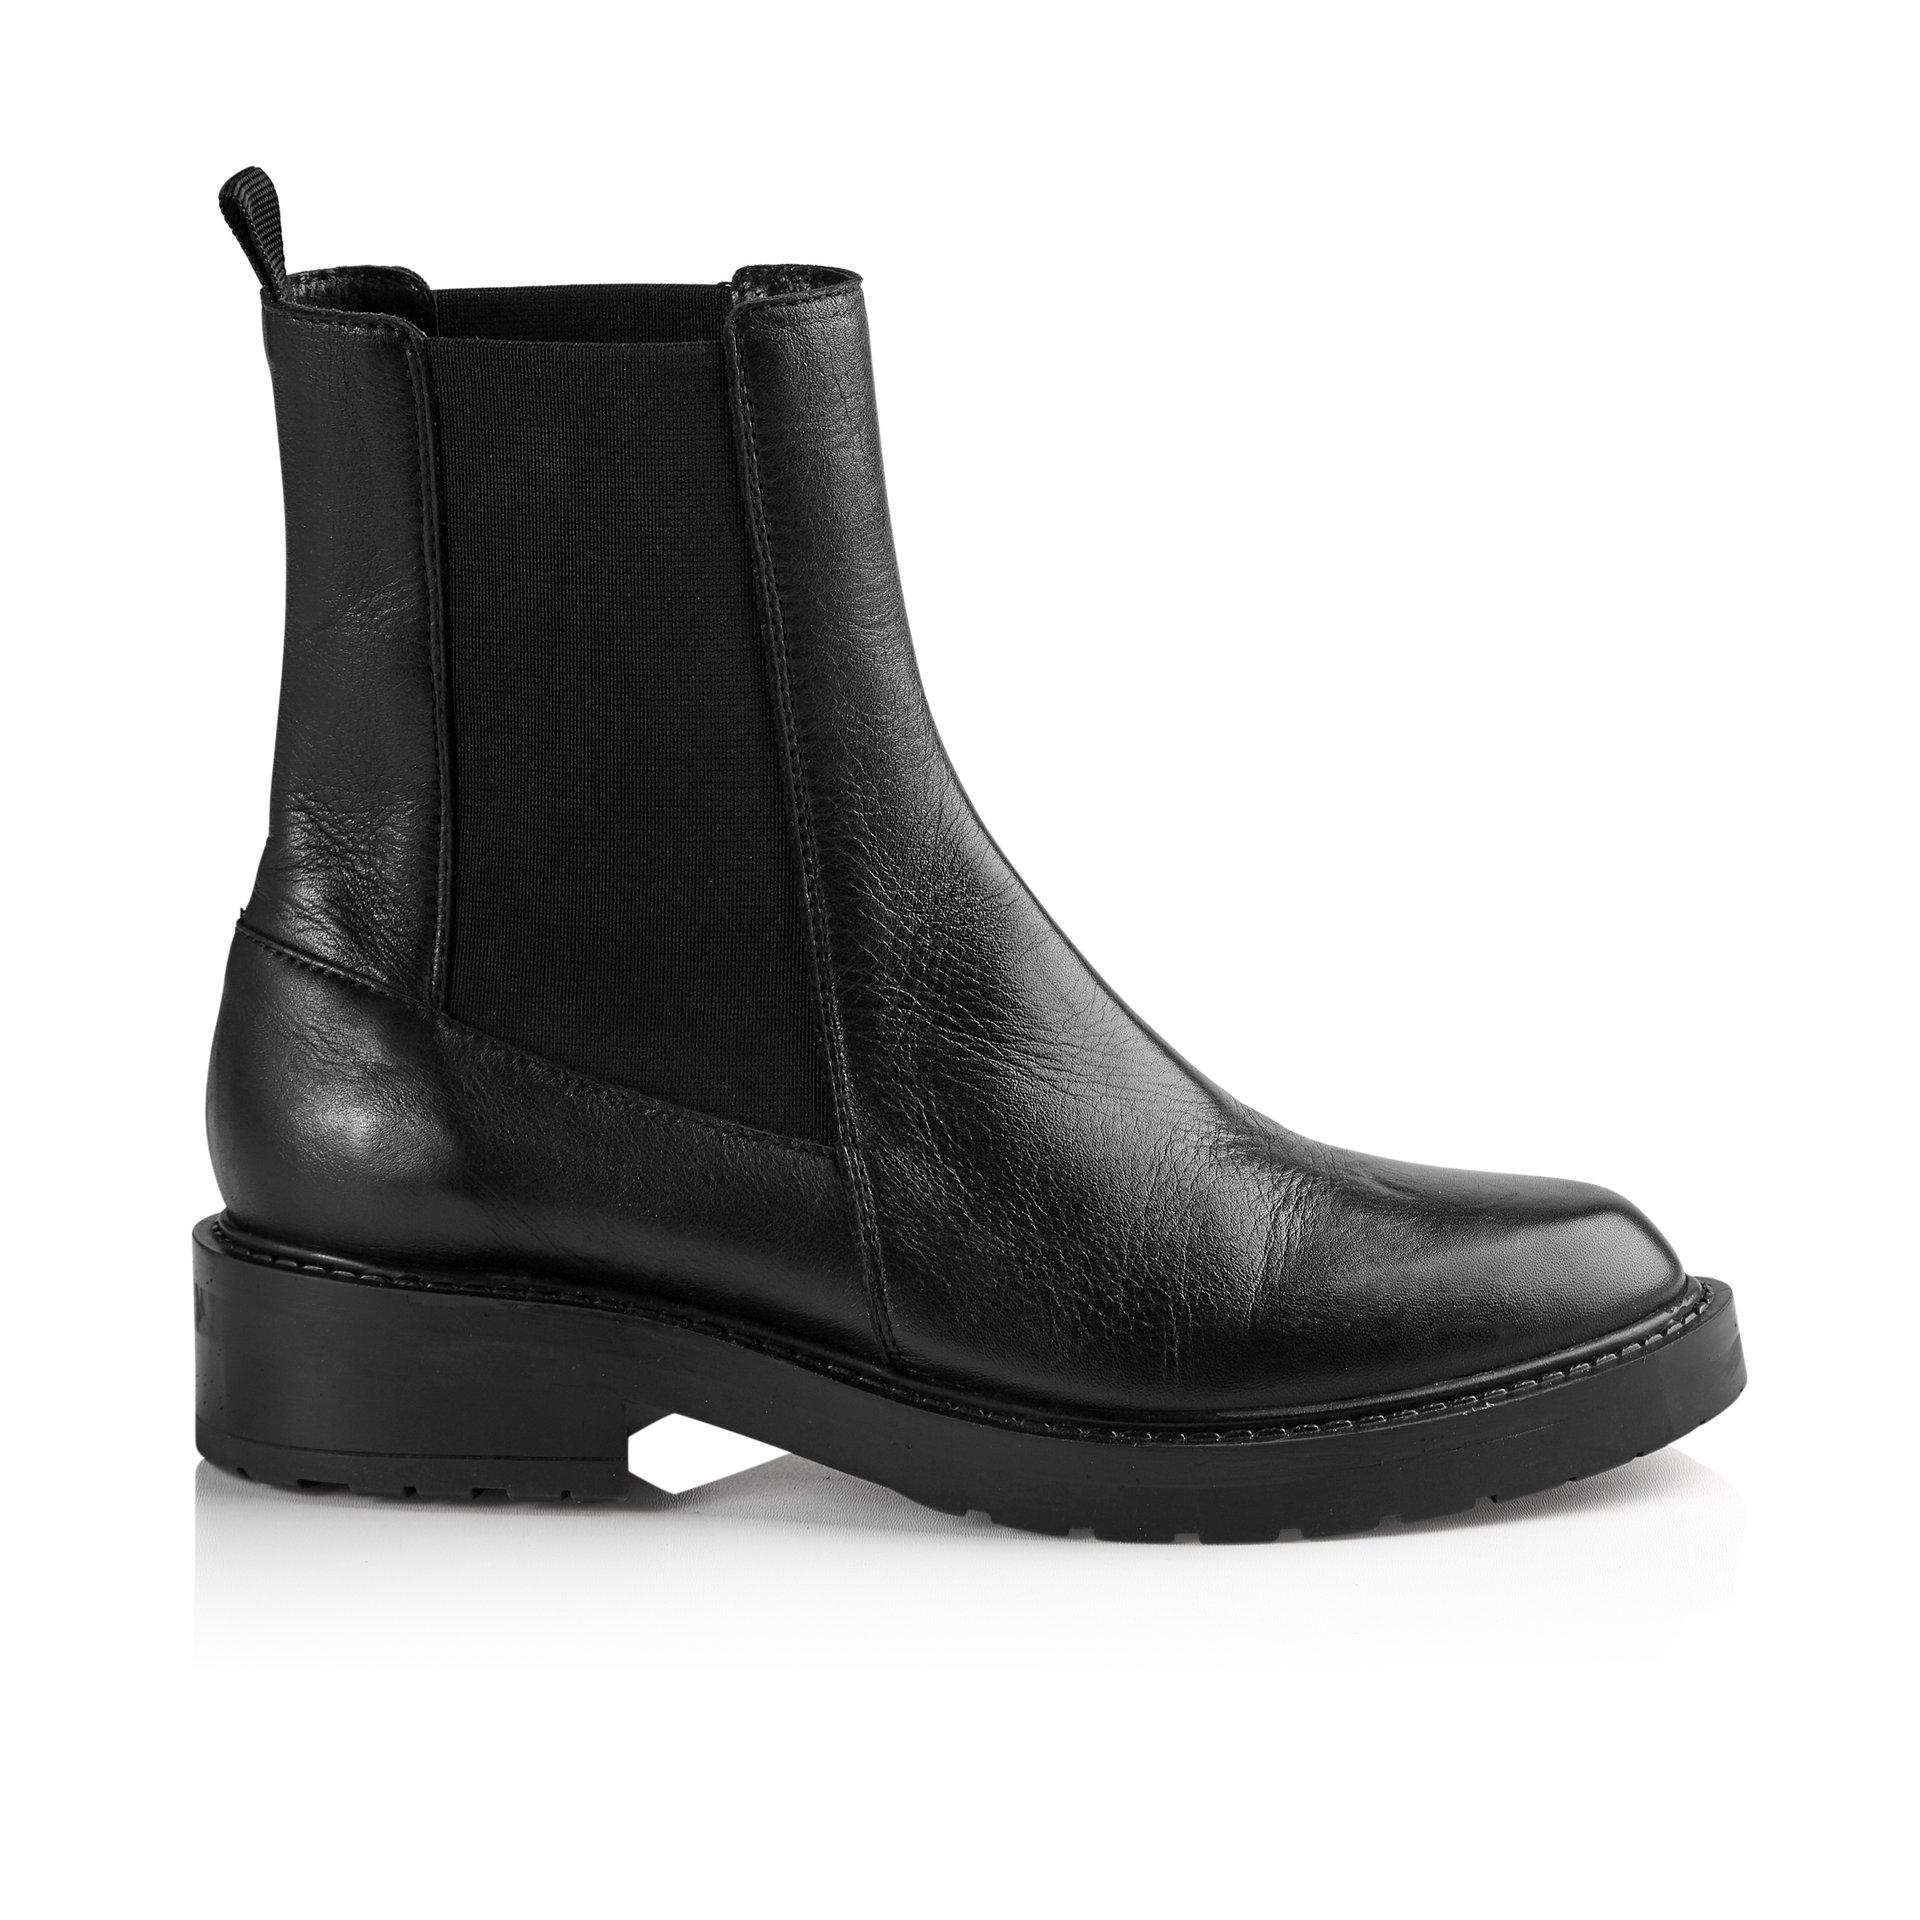 Pavement Jemma Long Støvler